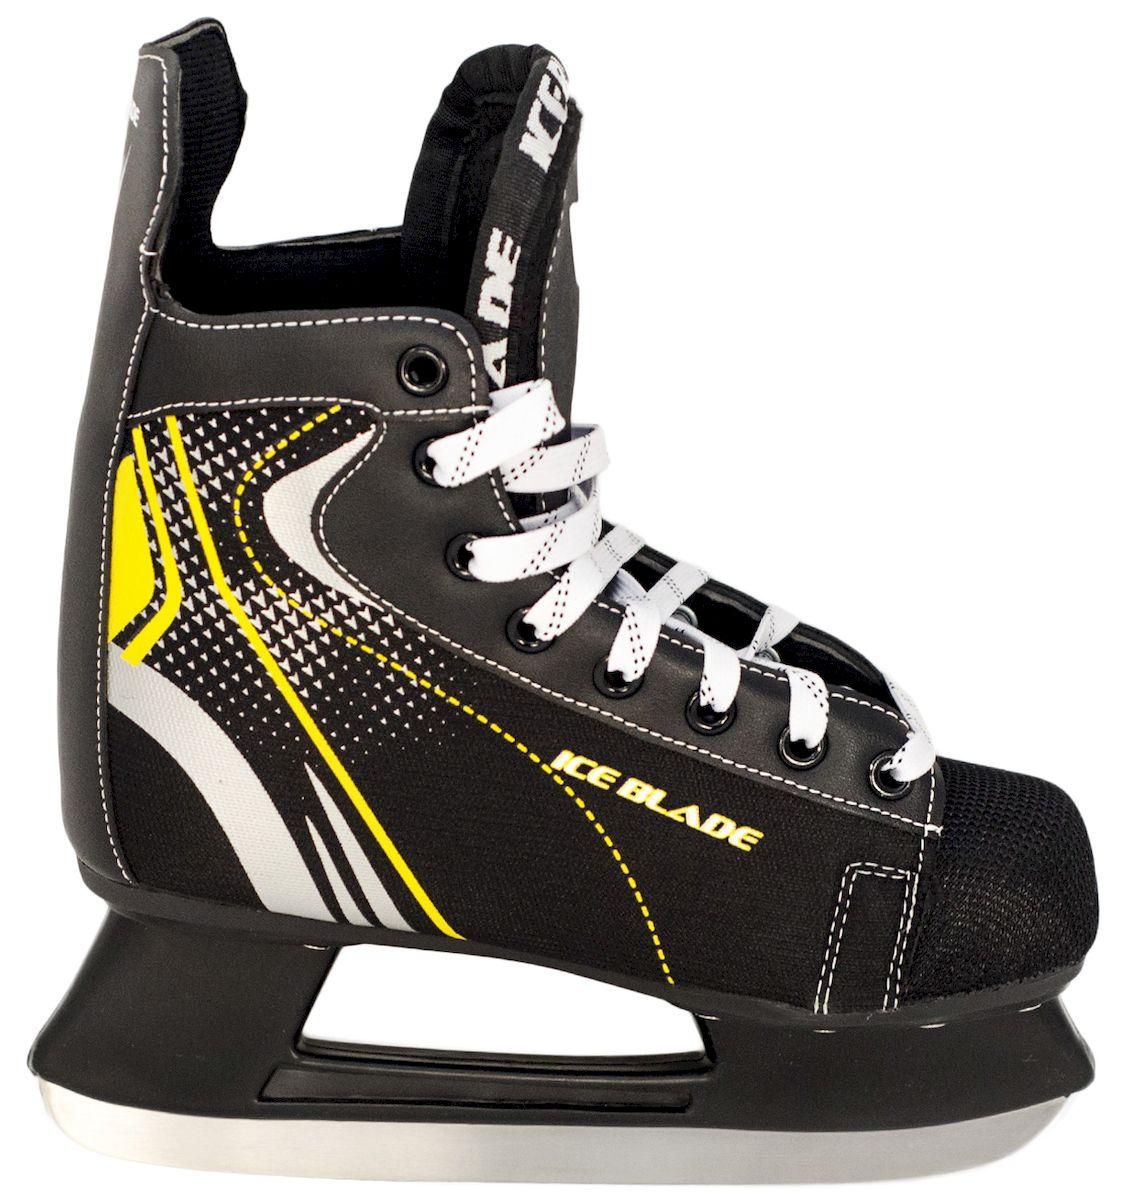 Коньки хоккейные Ice Blade Shark, цвет: черный, желтый. УТ-00006841. Размер 40УТ-00004984Коньки хоккейные Shark имеют модный яркий дизайн, поэтому данная модель очень популярна у любителей хоккея.Ботинок выполнен из искусственной кожи, высокопрочной нейлоновой ткани и ударостойкого пластика. Лезвие изготовлено из высокоуглеродистой стали с покрытием из никеля, что гарантирует прочность и долговечность. В качестве внутренней отделки используется вельветин с утеплителем. Коньки поставляются с заводской заточкой лезвия, что позволяет сразу приступить к катанию, не тратя время и денег на заточку. Коньки подходят для использования на открытом и закрытом льду.Удобная система фиксации ноги и улучшенная колодка сделают катание комфортным и безопасным.